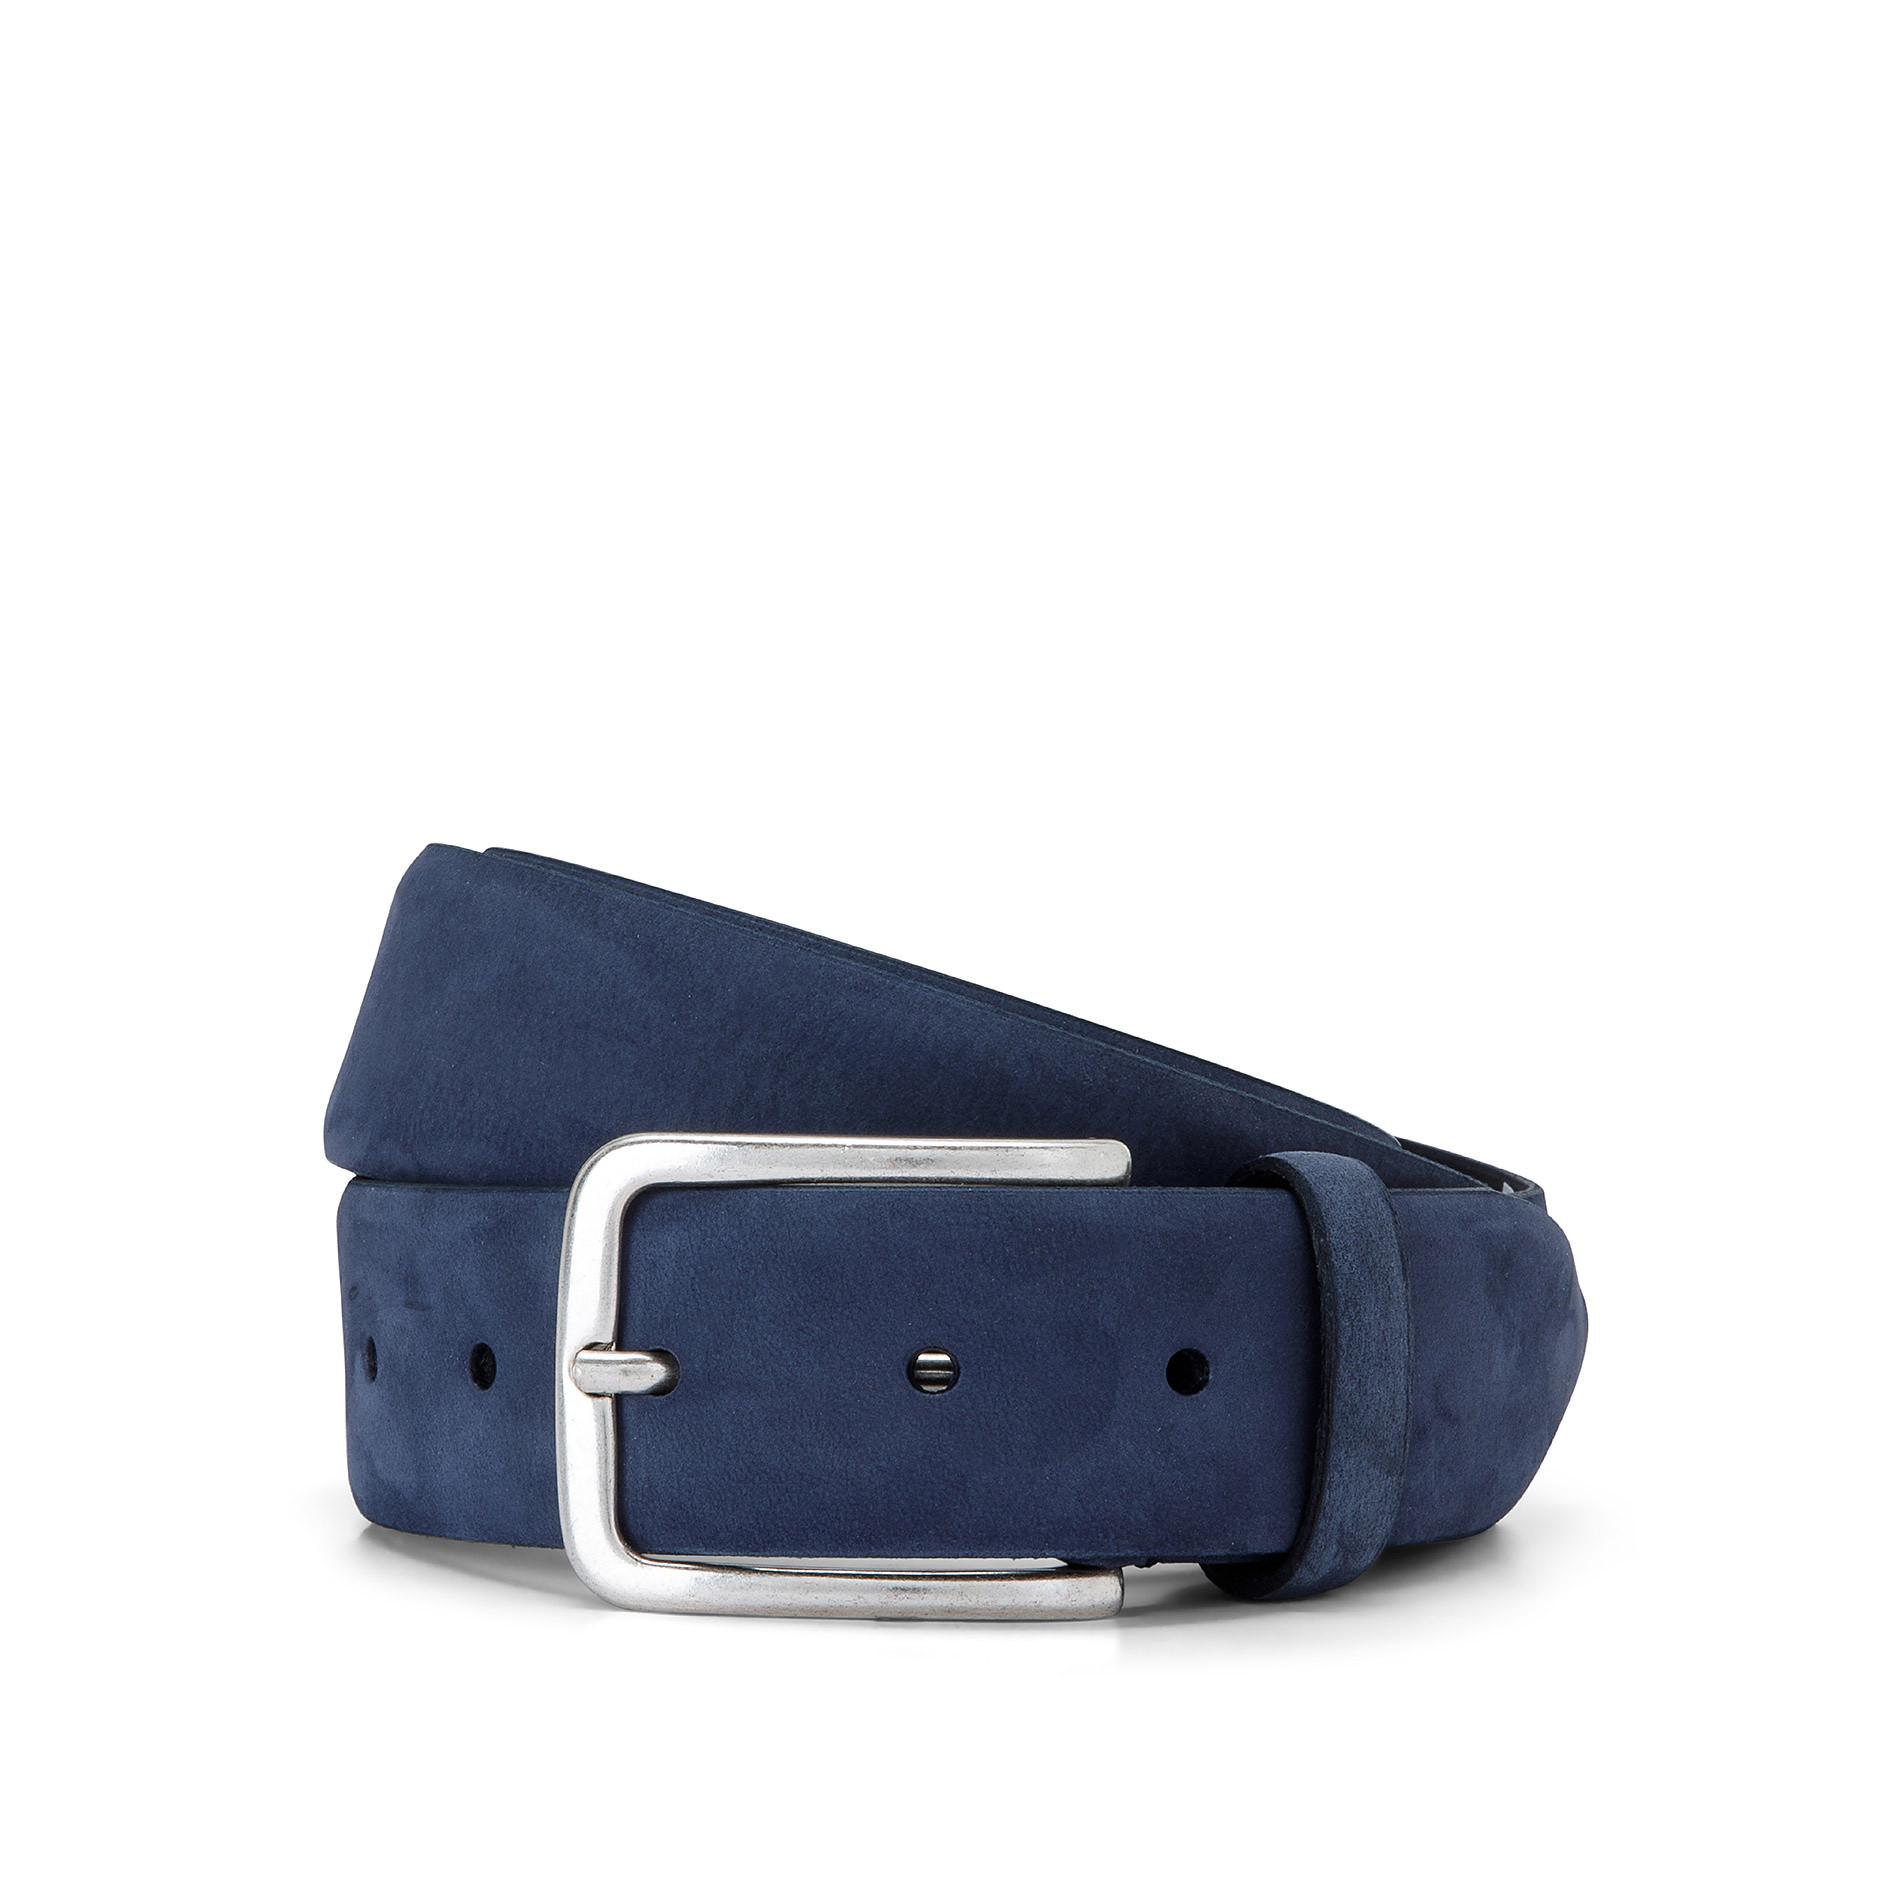 Cintura vera pelle Luca D'Altieri, Blu scuro, large image number 0